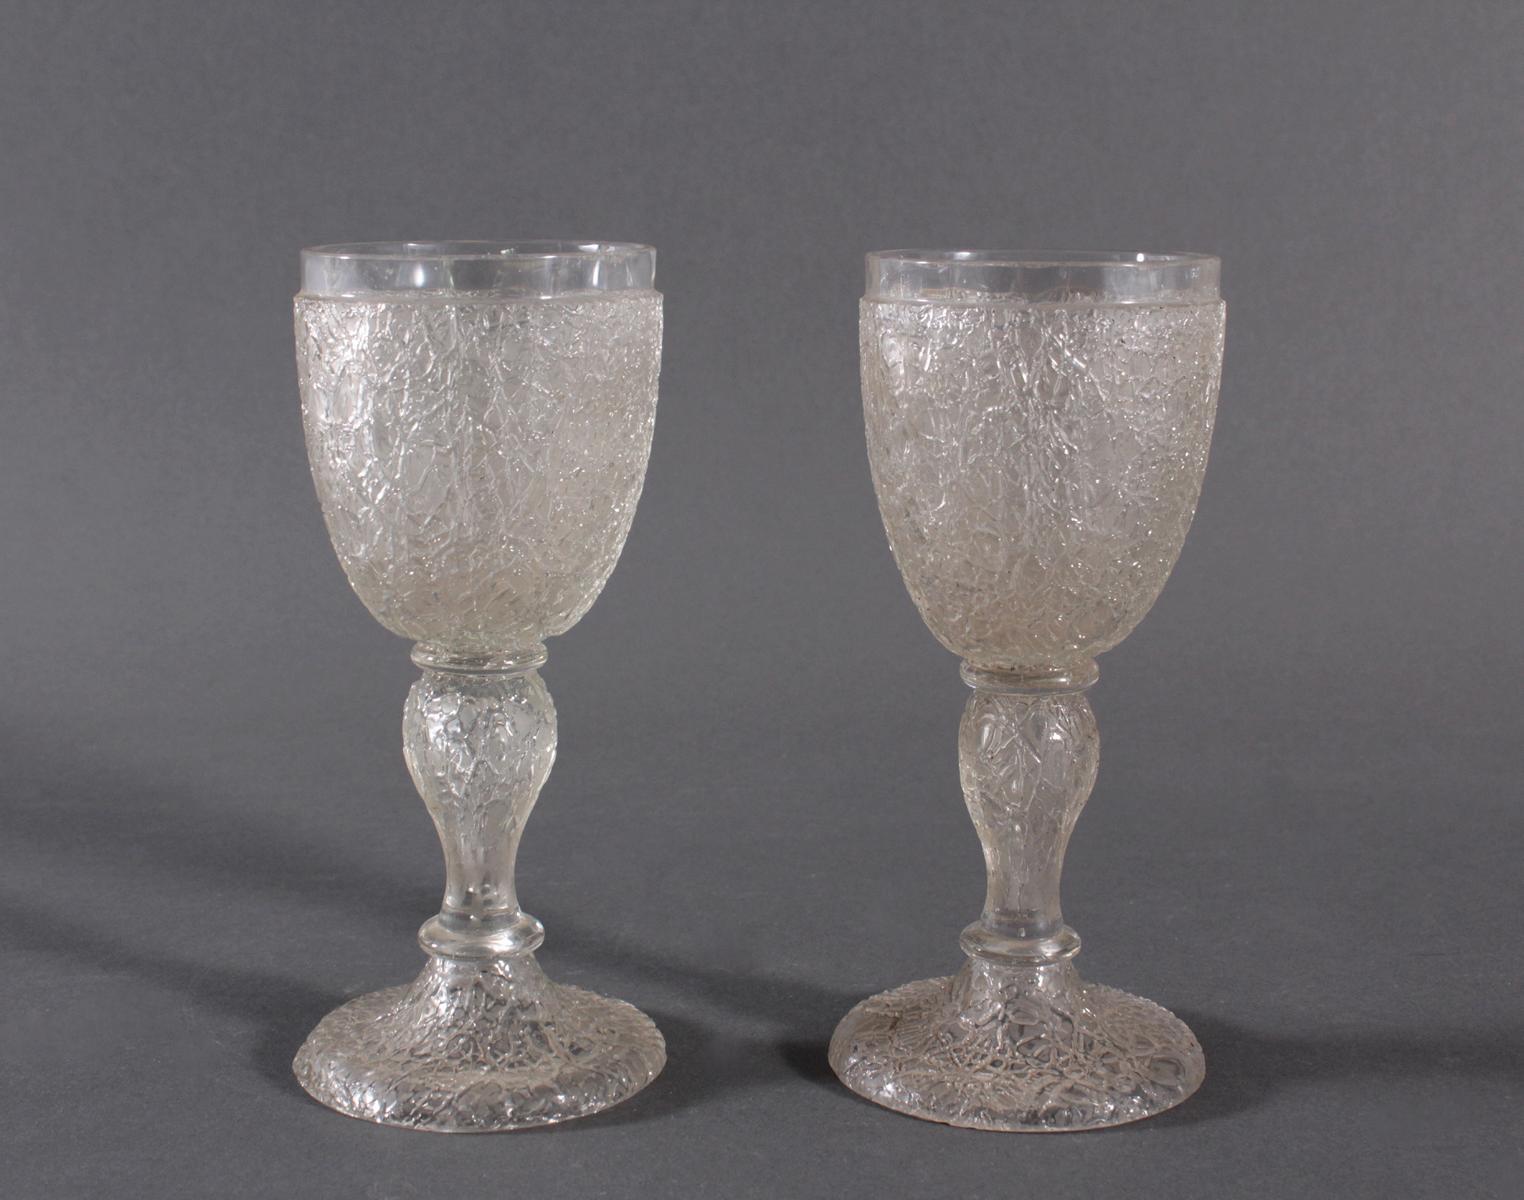 Paar Pokalgläser, 1850-1900